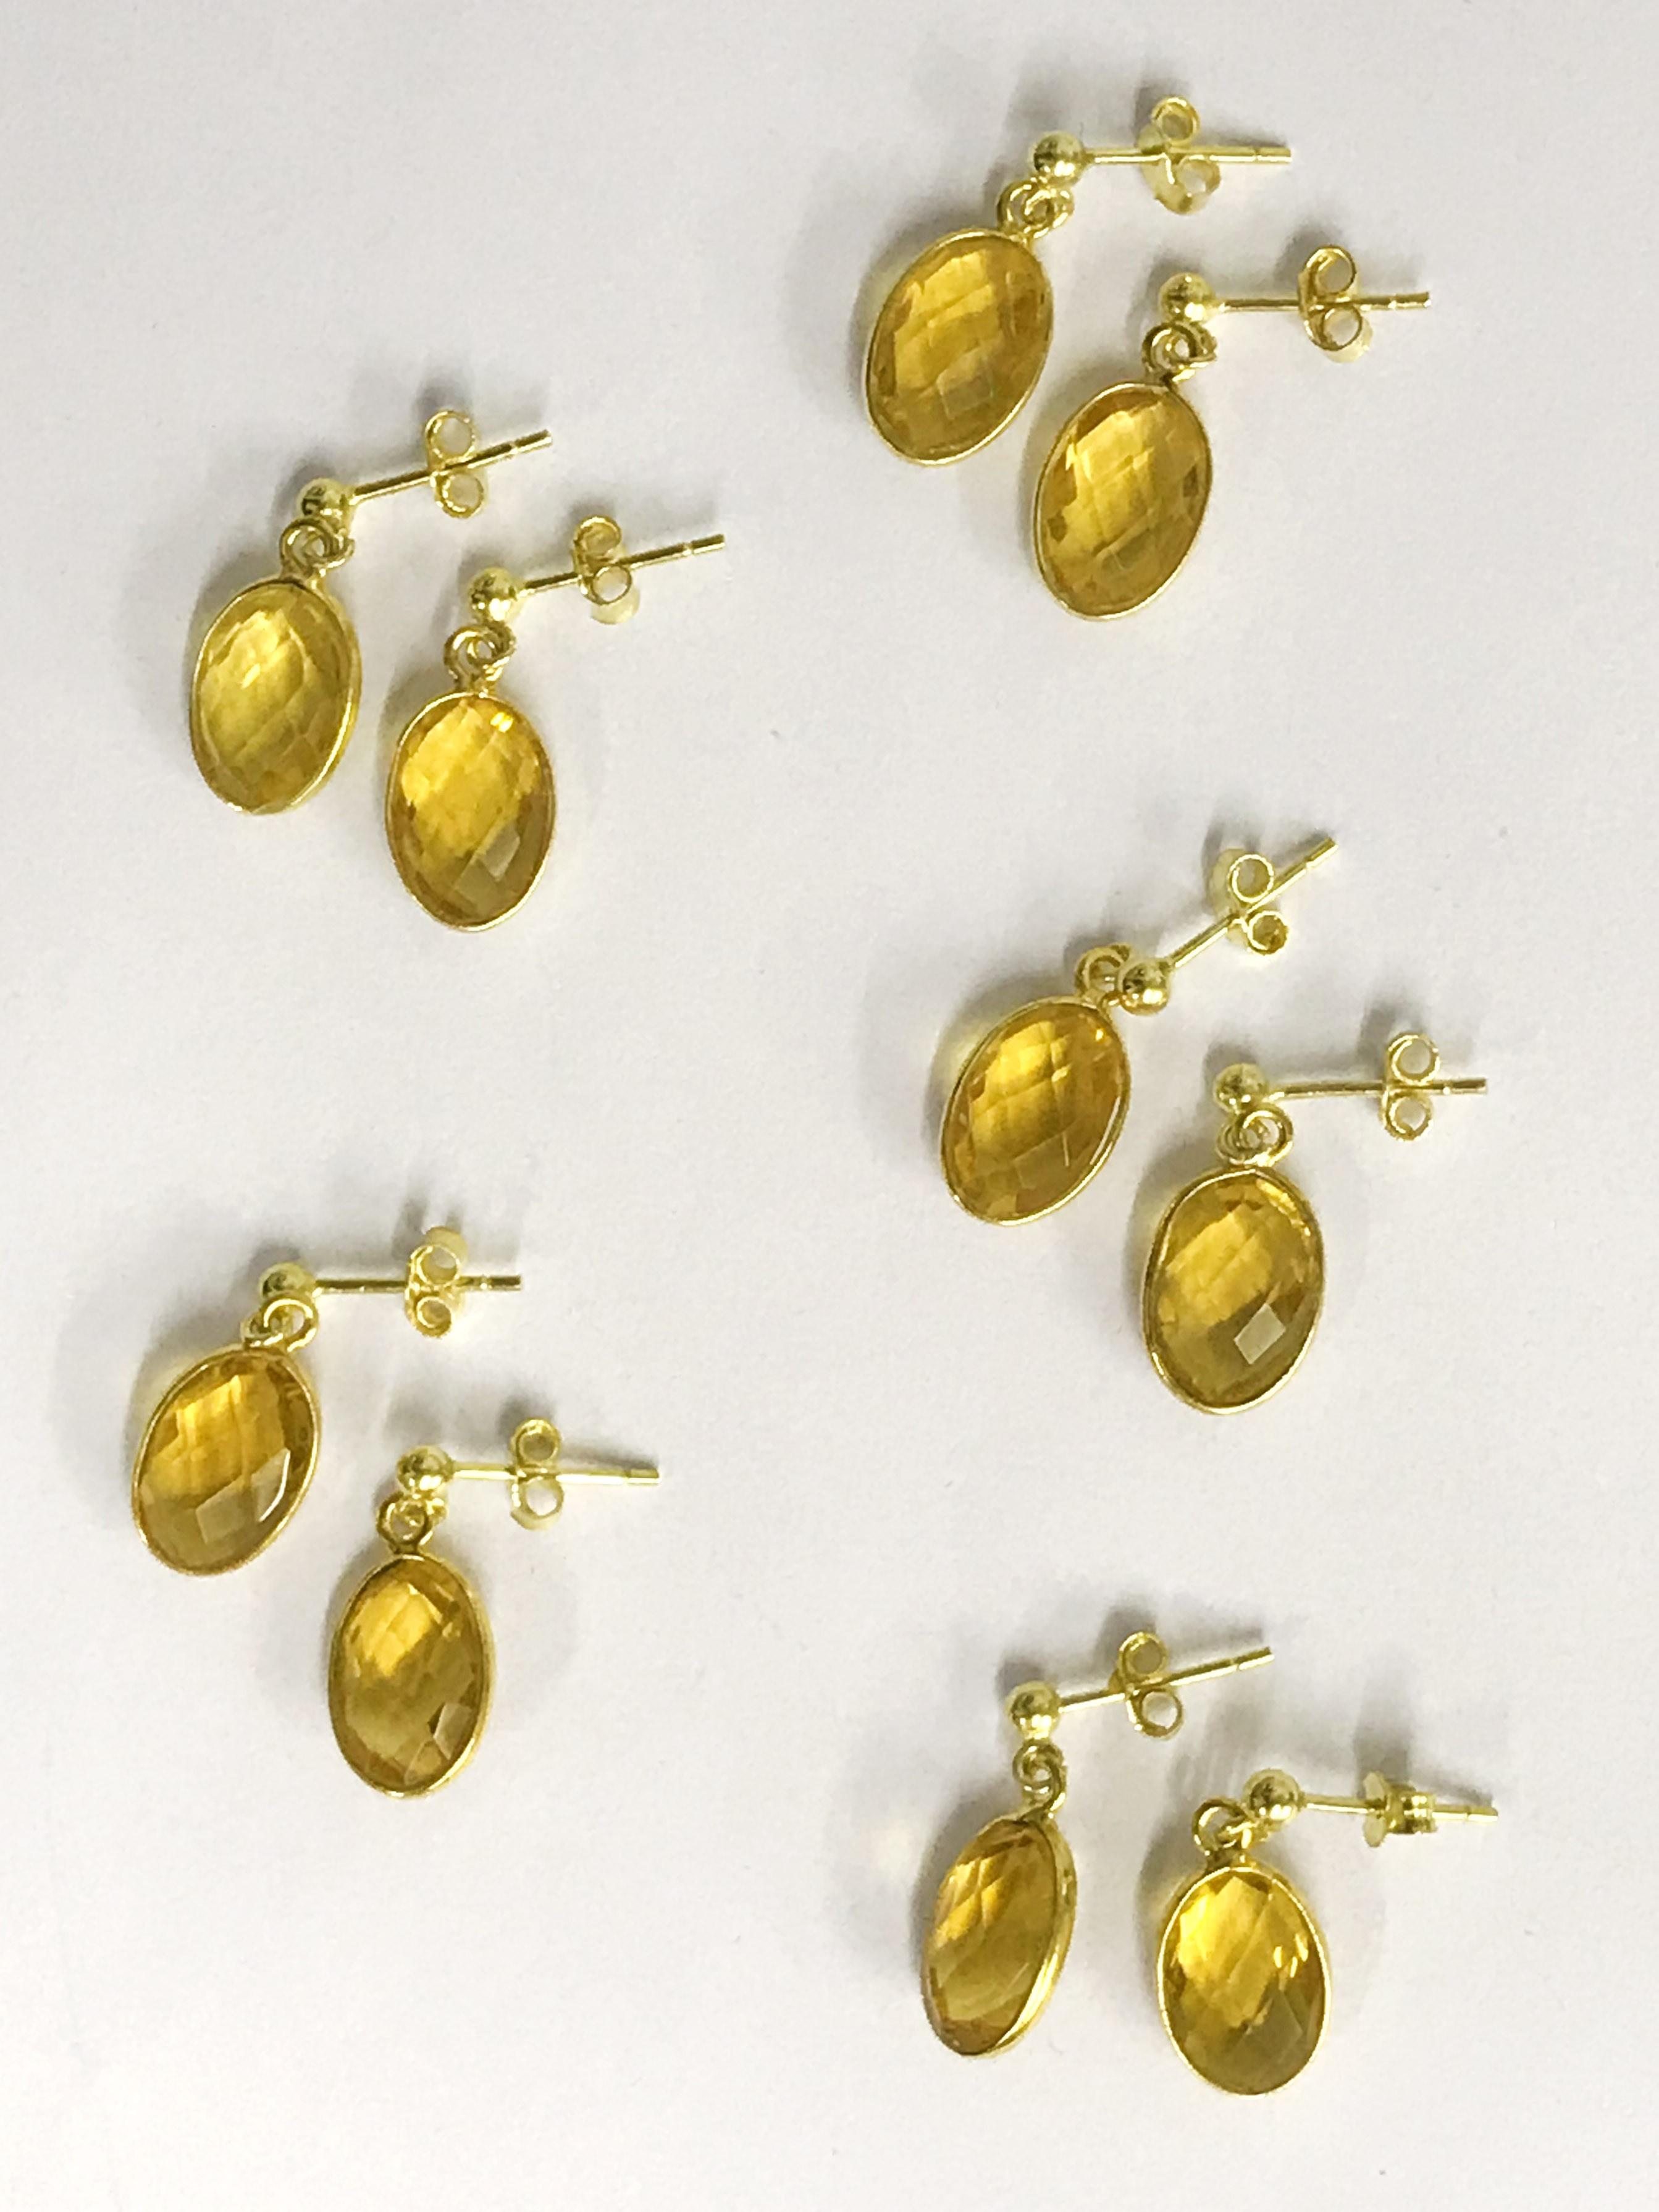 Lot 18 - X5 Pairs of earrings 14k gilt Citren gemstone stud